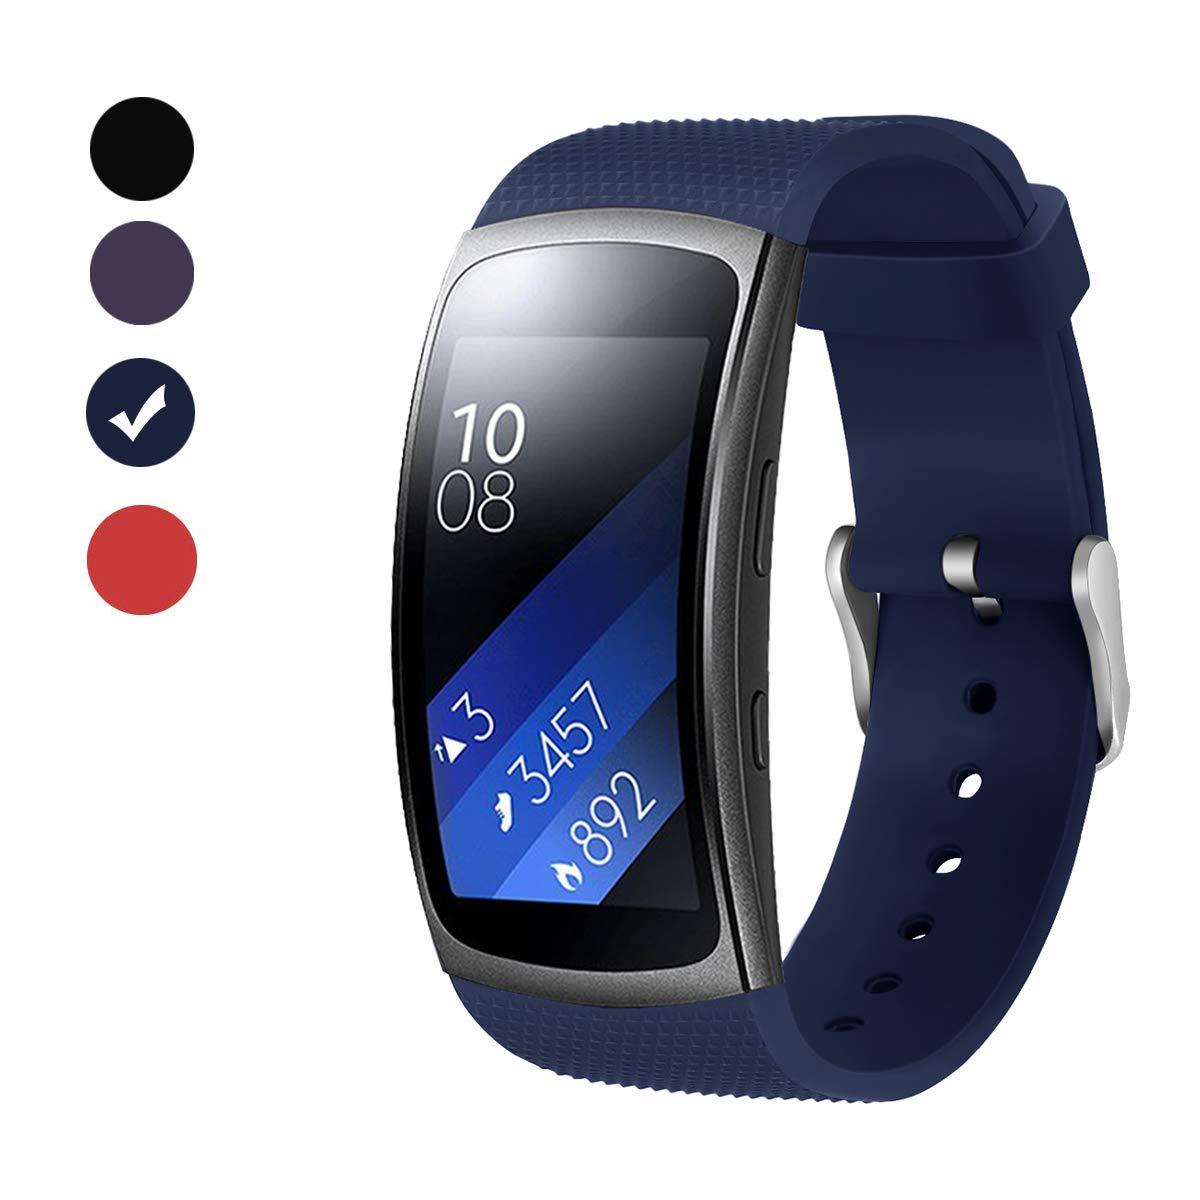 BeYselfür Samsung Gear Fit 2 Pro Fit 2 Armband Soft Silikon Sport Armband Ersatzband Gurte Für Samsung Gear Fit 2 Pro SM R365 Und Gear Fit 2 SM R360 Smartwatch